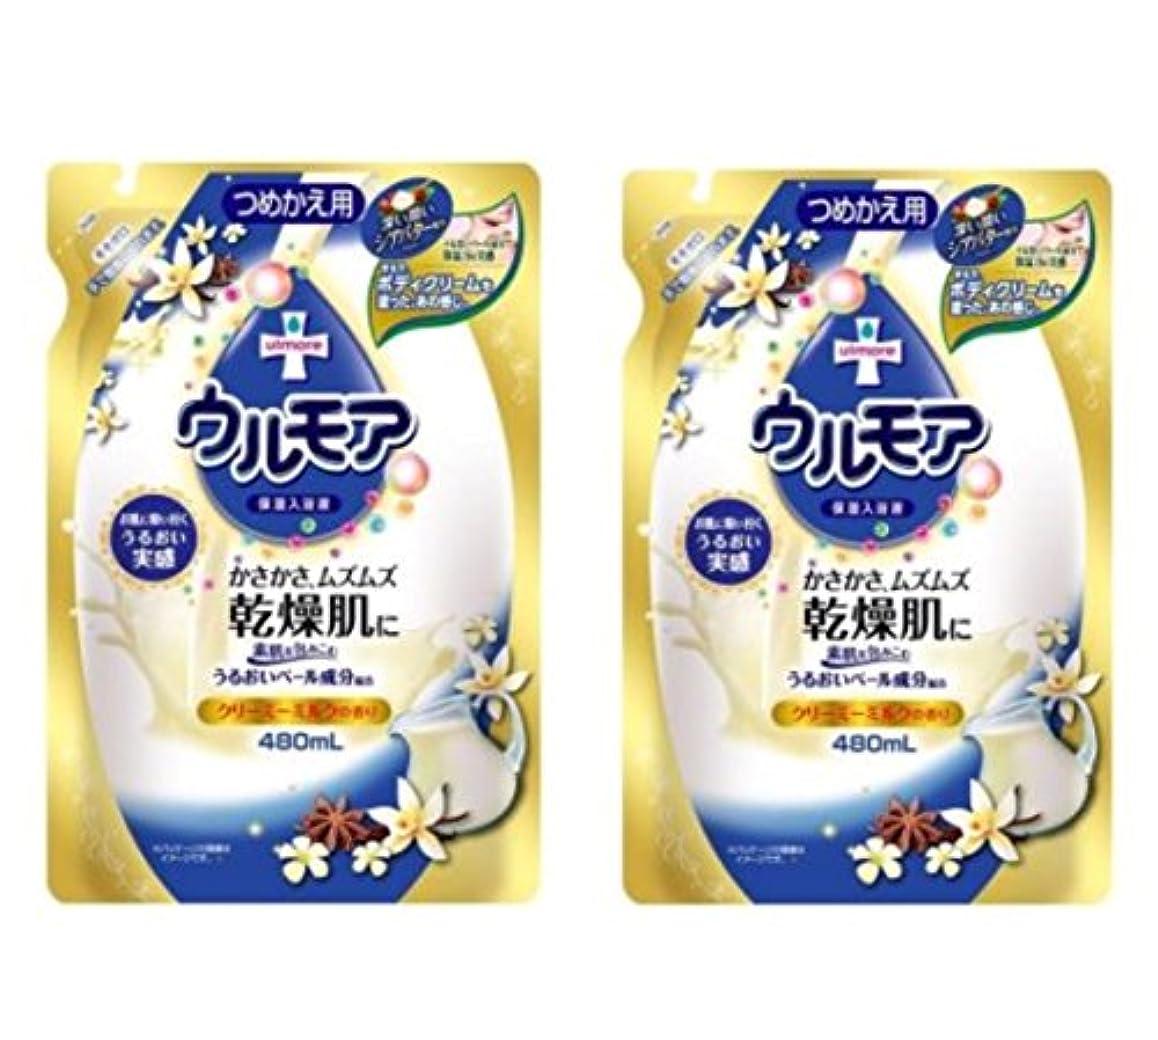 激しい破壊する小人アース製薬 保湿入浴液 ウルモア クリーミーミルク詰替 480ml×2個セット